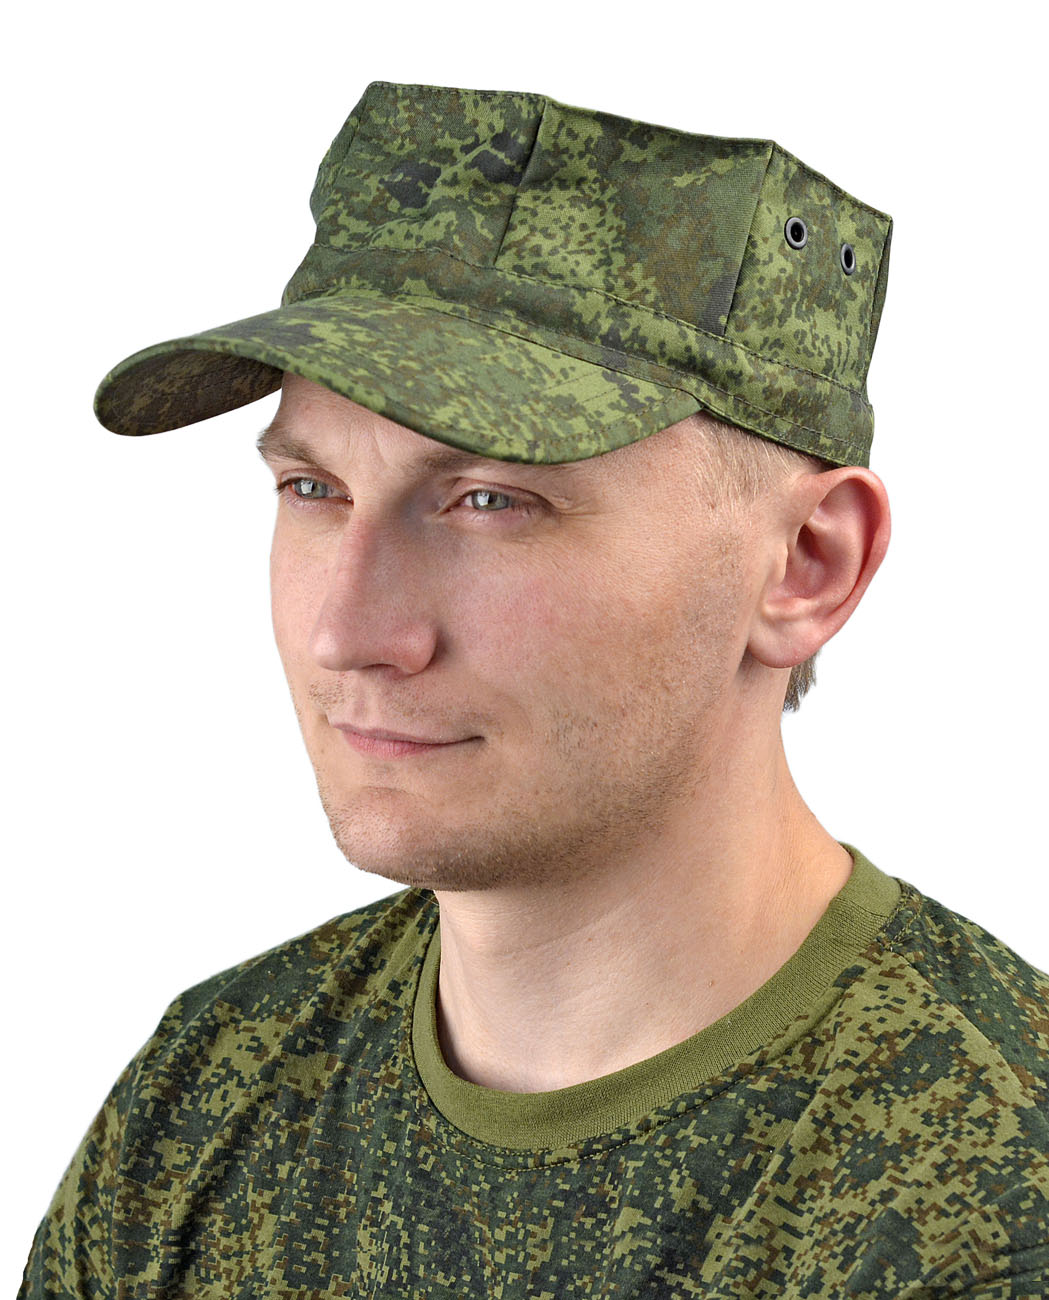 Кепка Gerkon Commando ратник (58)Кепки<br><br><br>Пол: мужской<br>Размер: 58<br>Сезон: лето<br>Материал: Смесовая (50% хлопок, 50% полиэфир), пл. 210 г/м2,